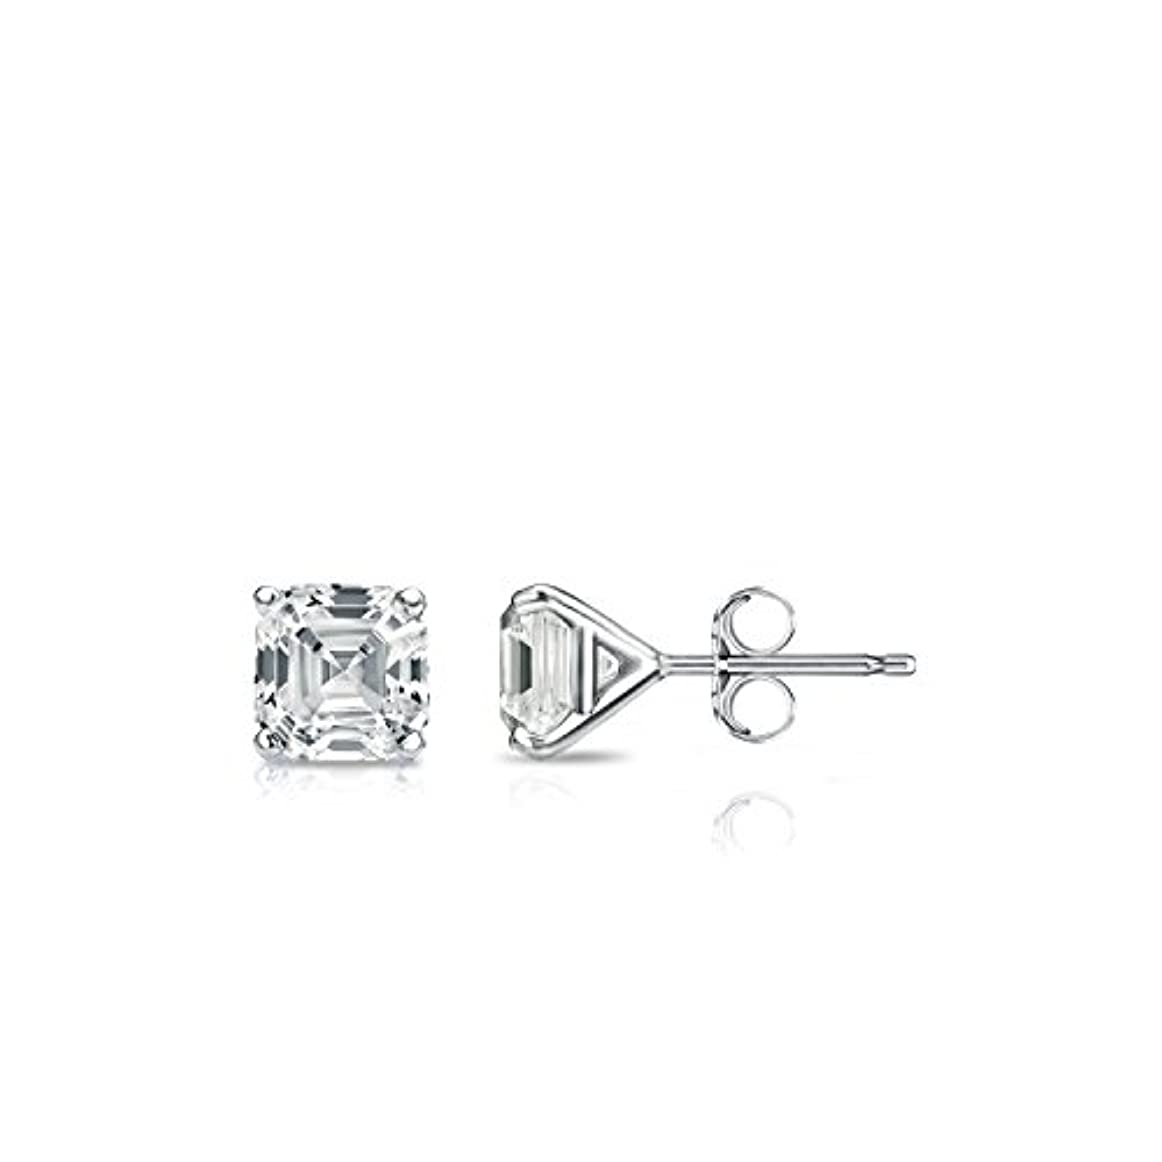 キャンベラ結婚するシャー14 Kホワイトゴールド4プロングMartini Asscherダイヤモンドメンズスタッドイヤリング( 1 / 2 – 2 ct、Oホワイト、i1 - i2 ) push-back